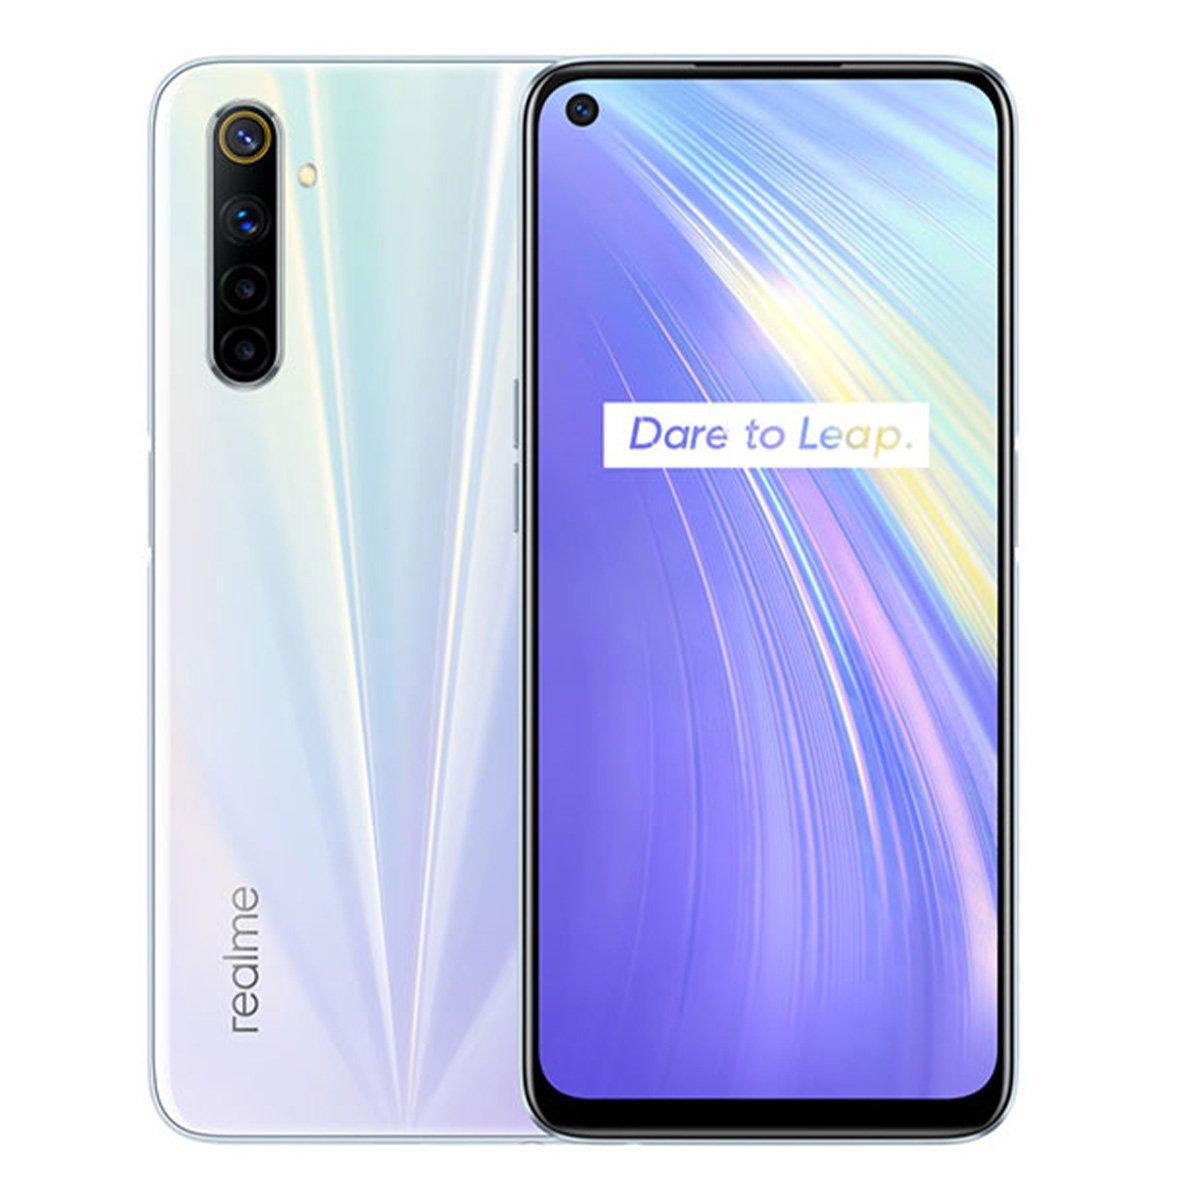 Xiaomi Redmi Note 8 Pro Price In Pakistan 2020 Priceoye